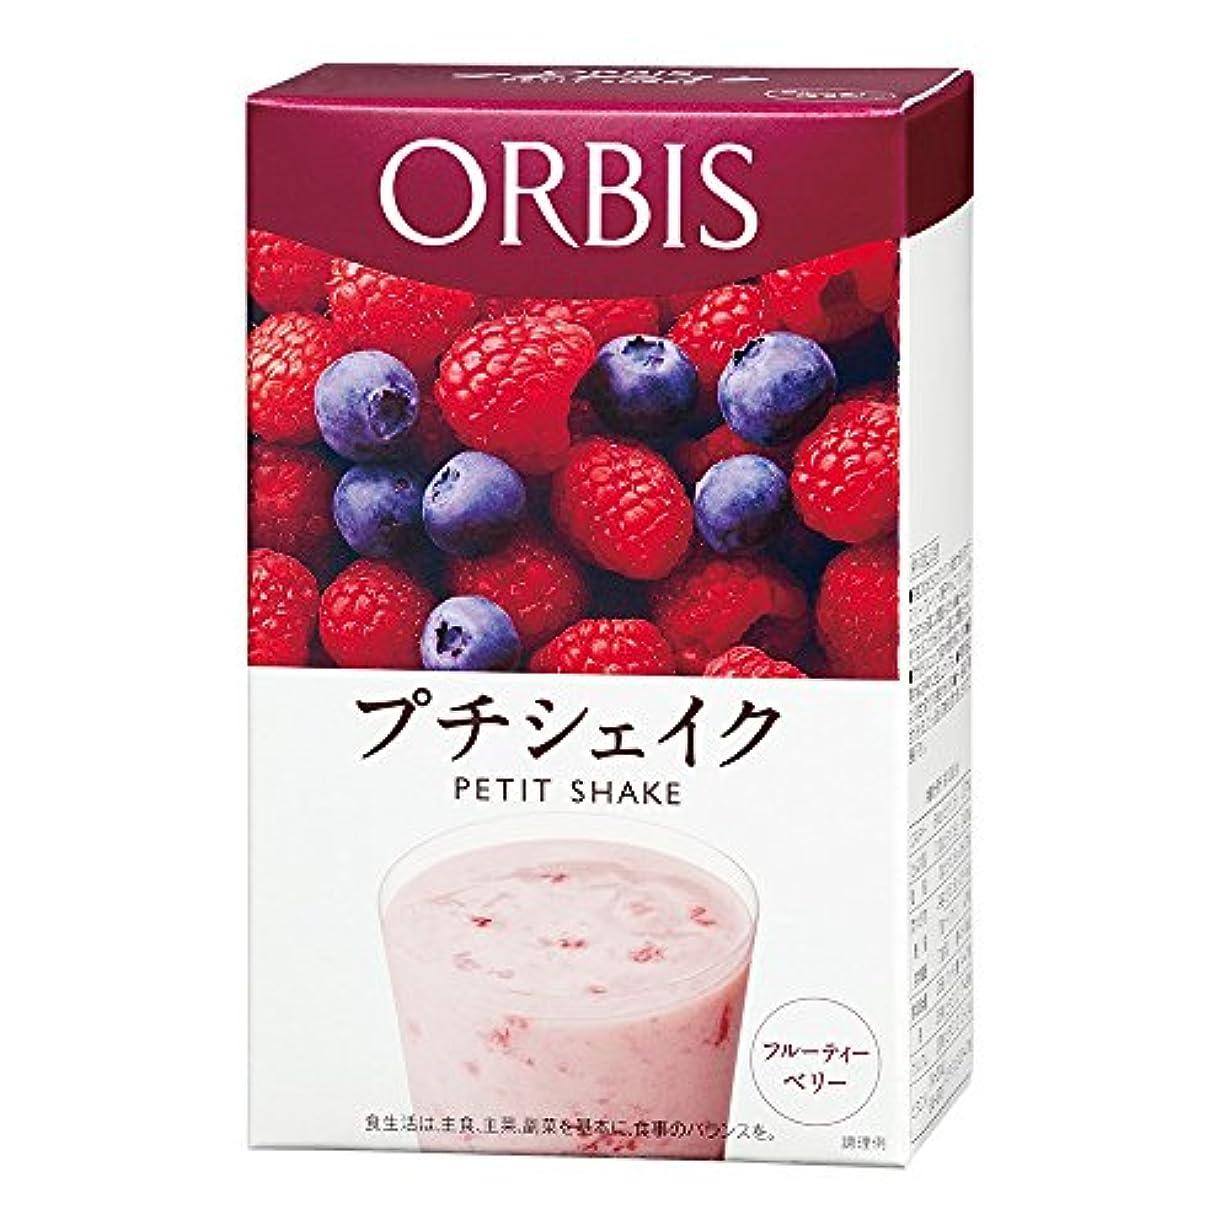 改修ポテトクランシーオルビス(ORBIS) プチシェイク フルーティーベリー 100g×7食分 ◎ダイエットドリンク?スムージー◎ 1食分150kcal